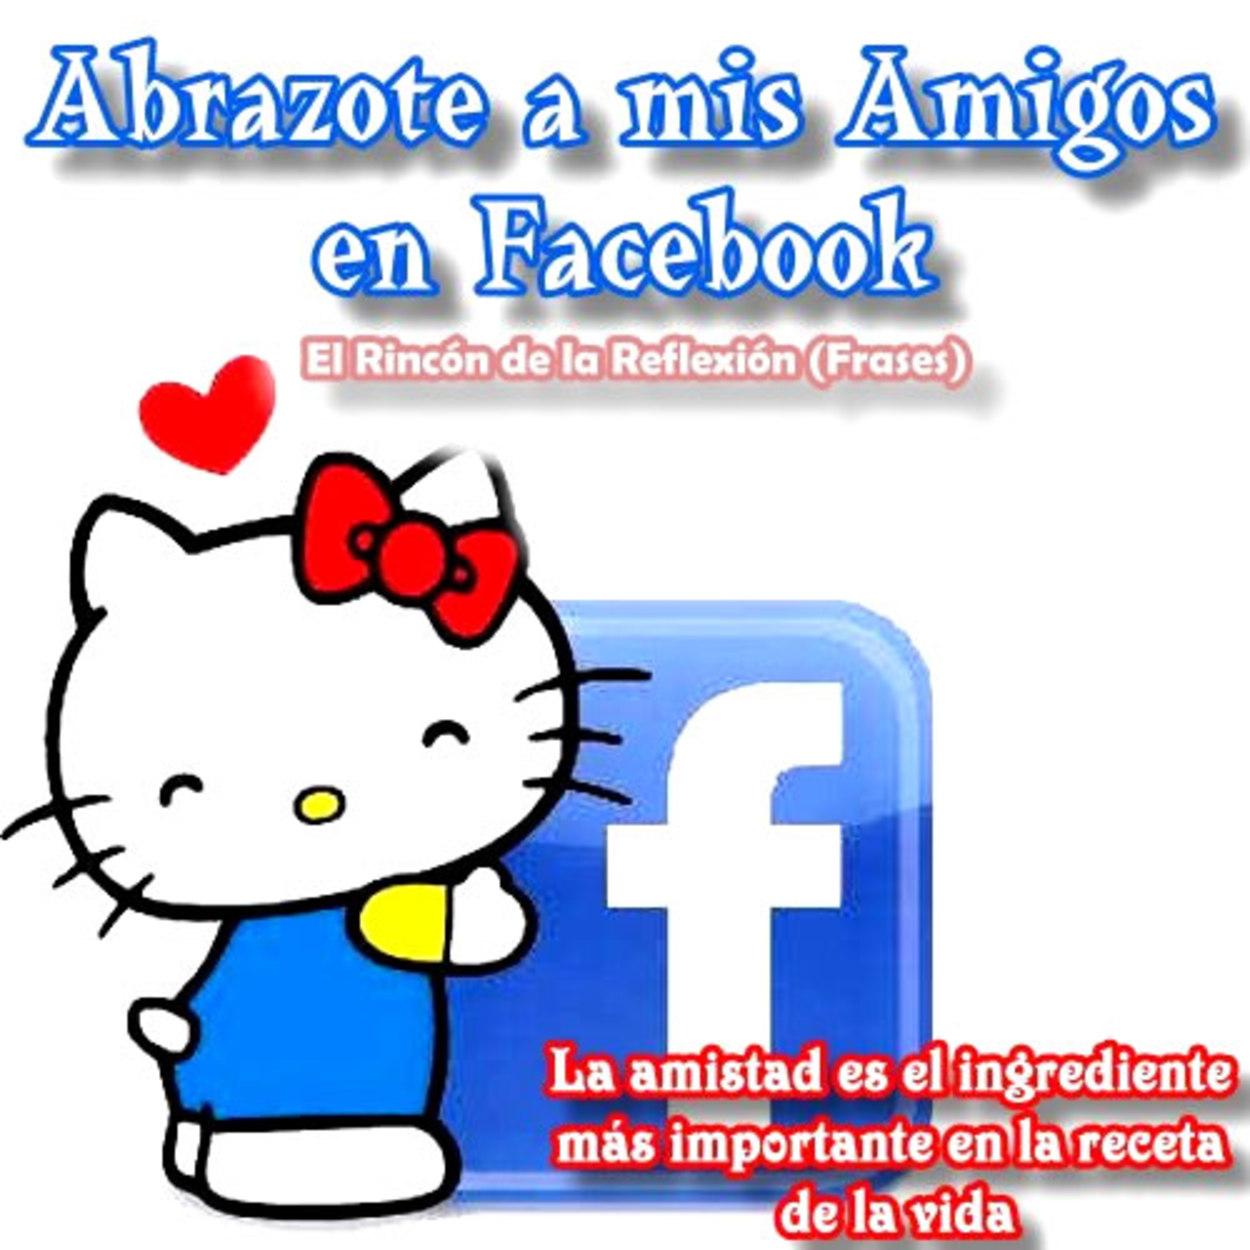 Abrazote a mis amigos en Facebook 28